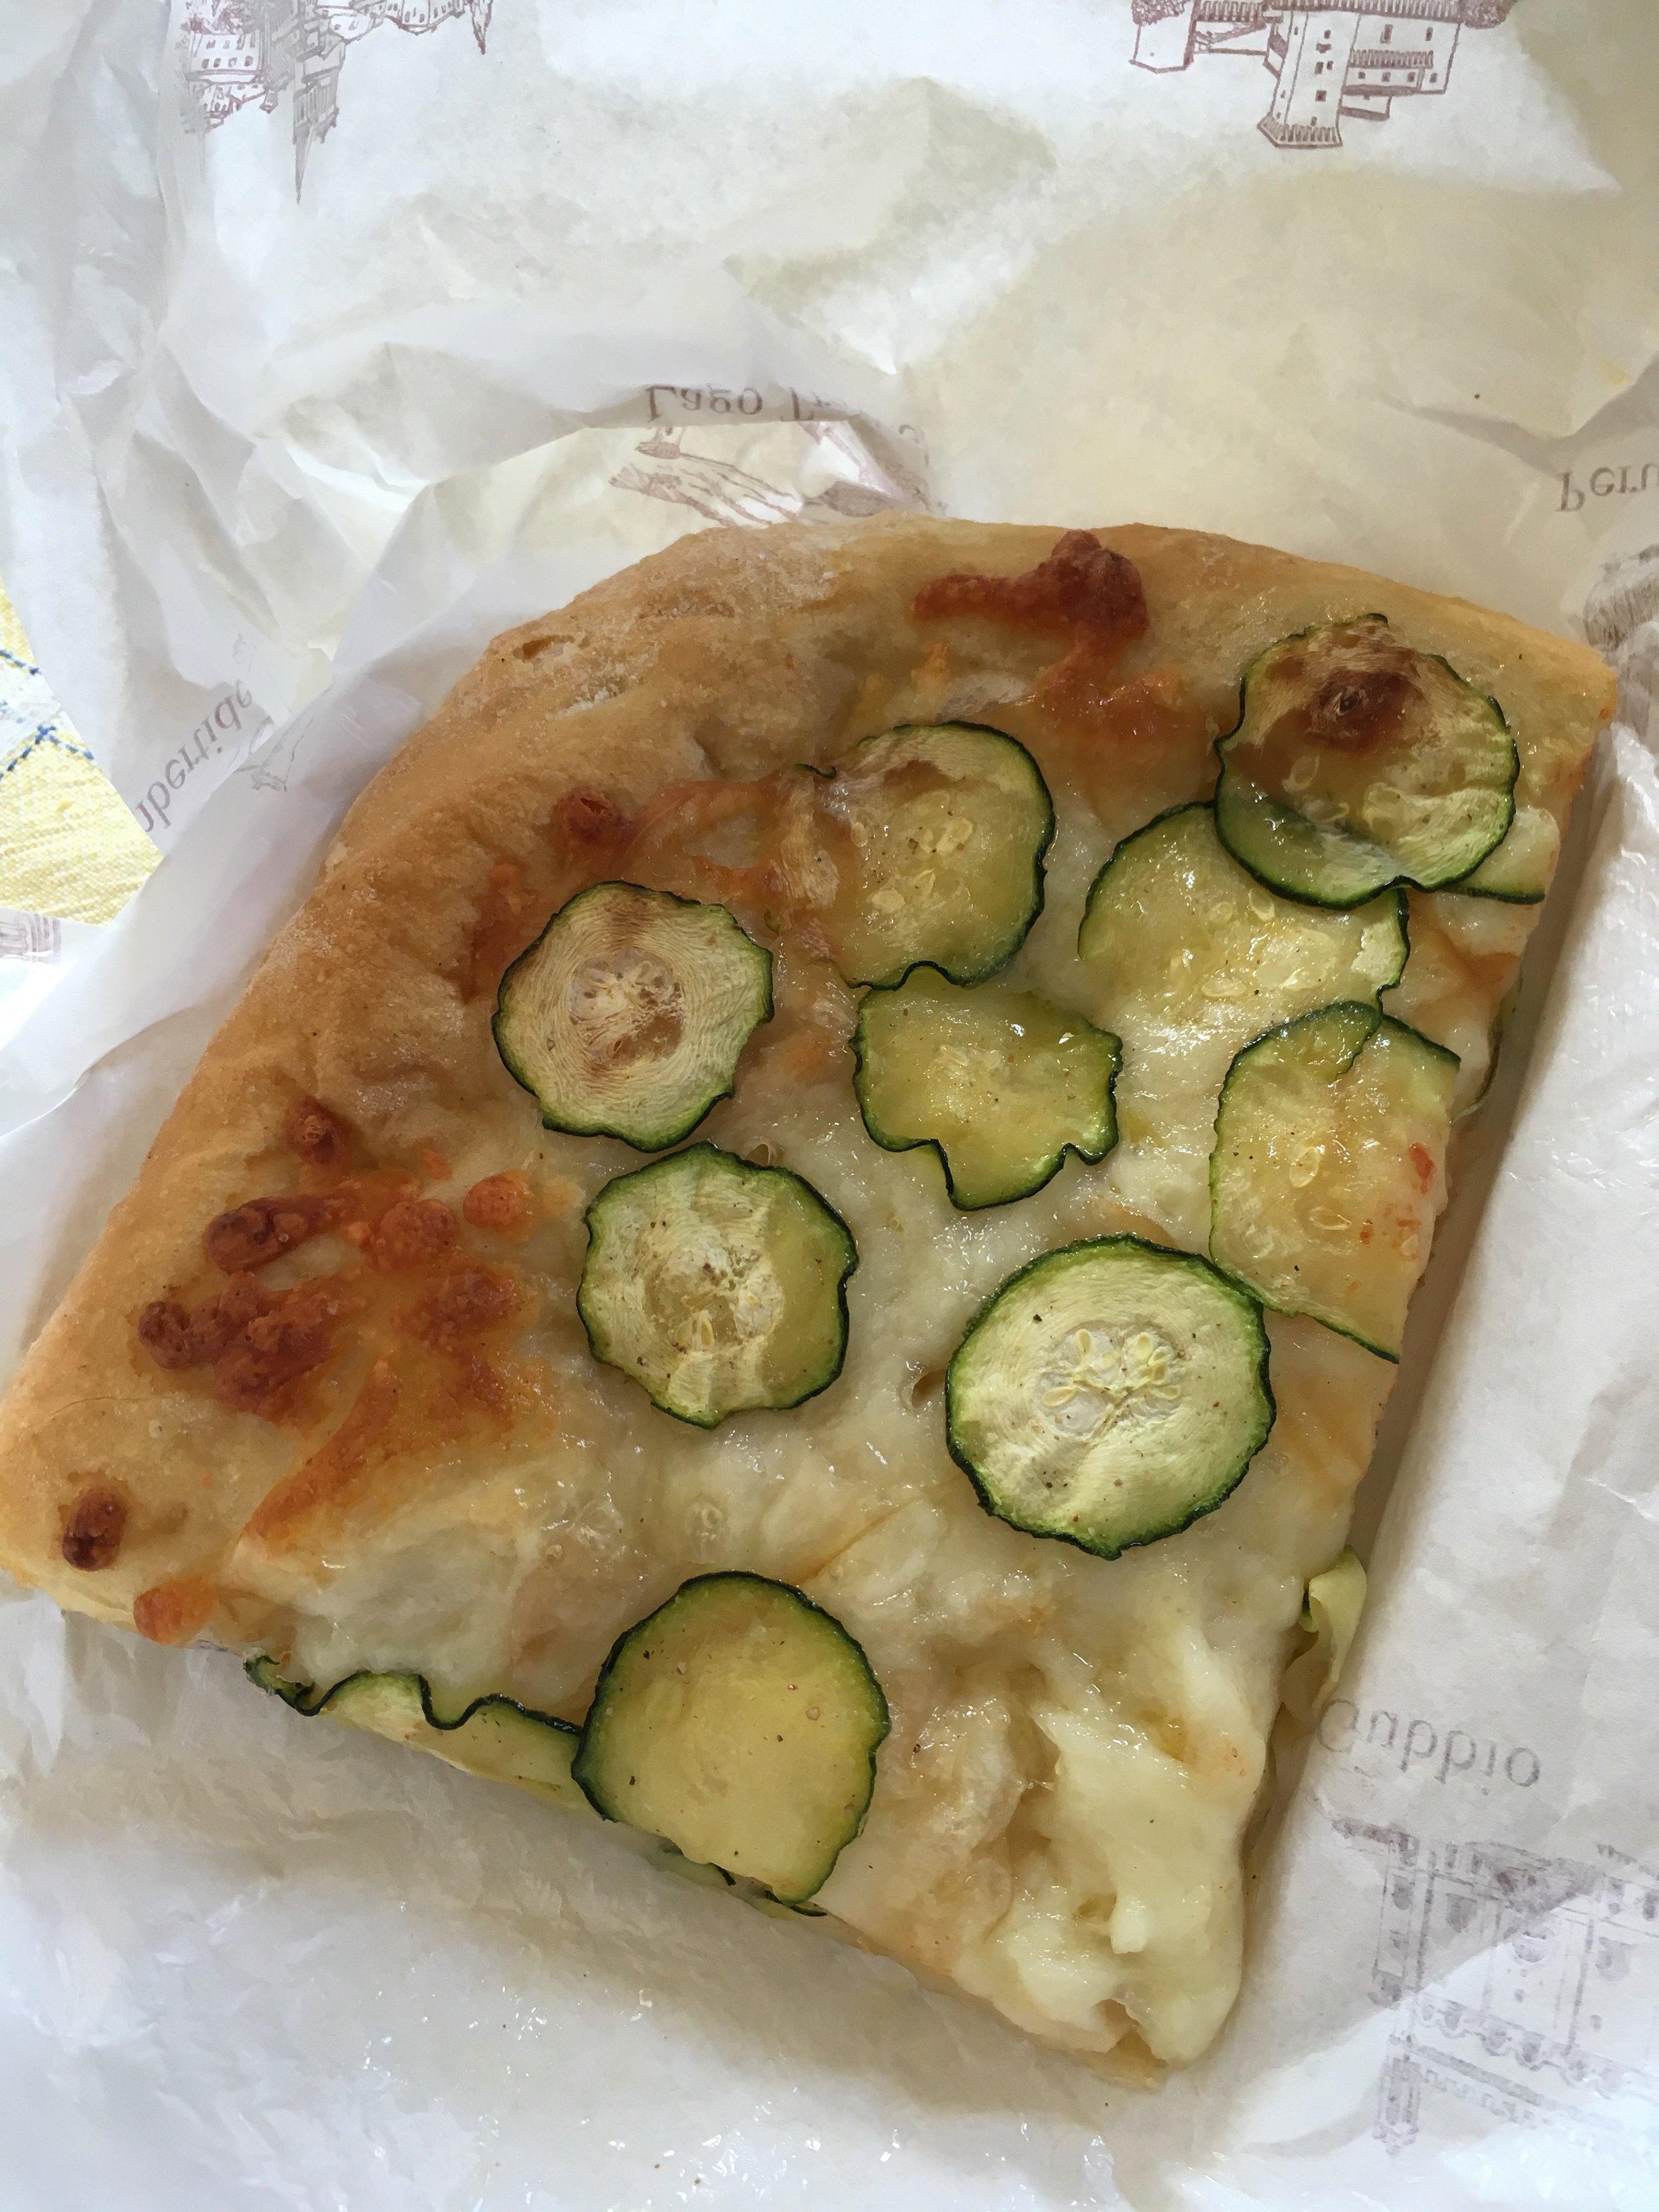 Zucchini pizza from Forno Artigiano in Spello, Umbria